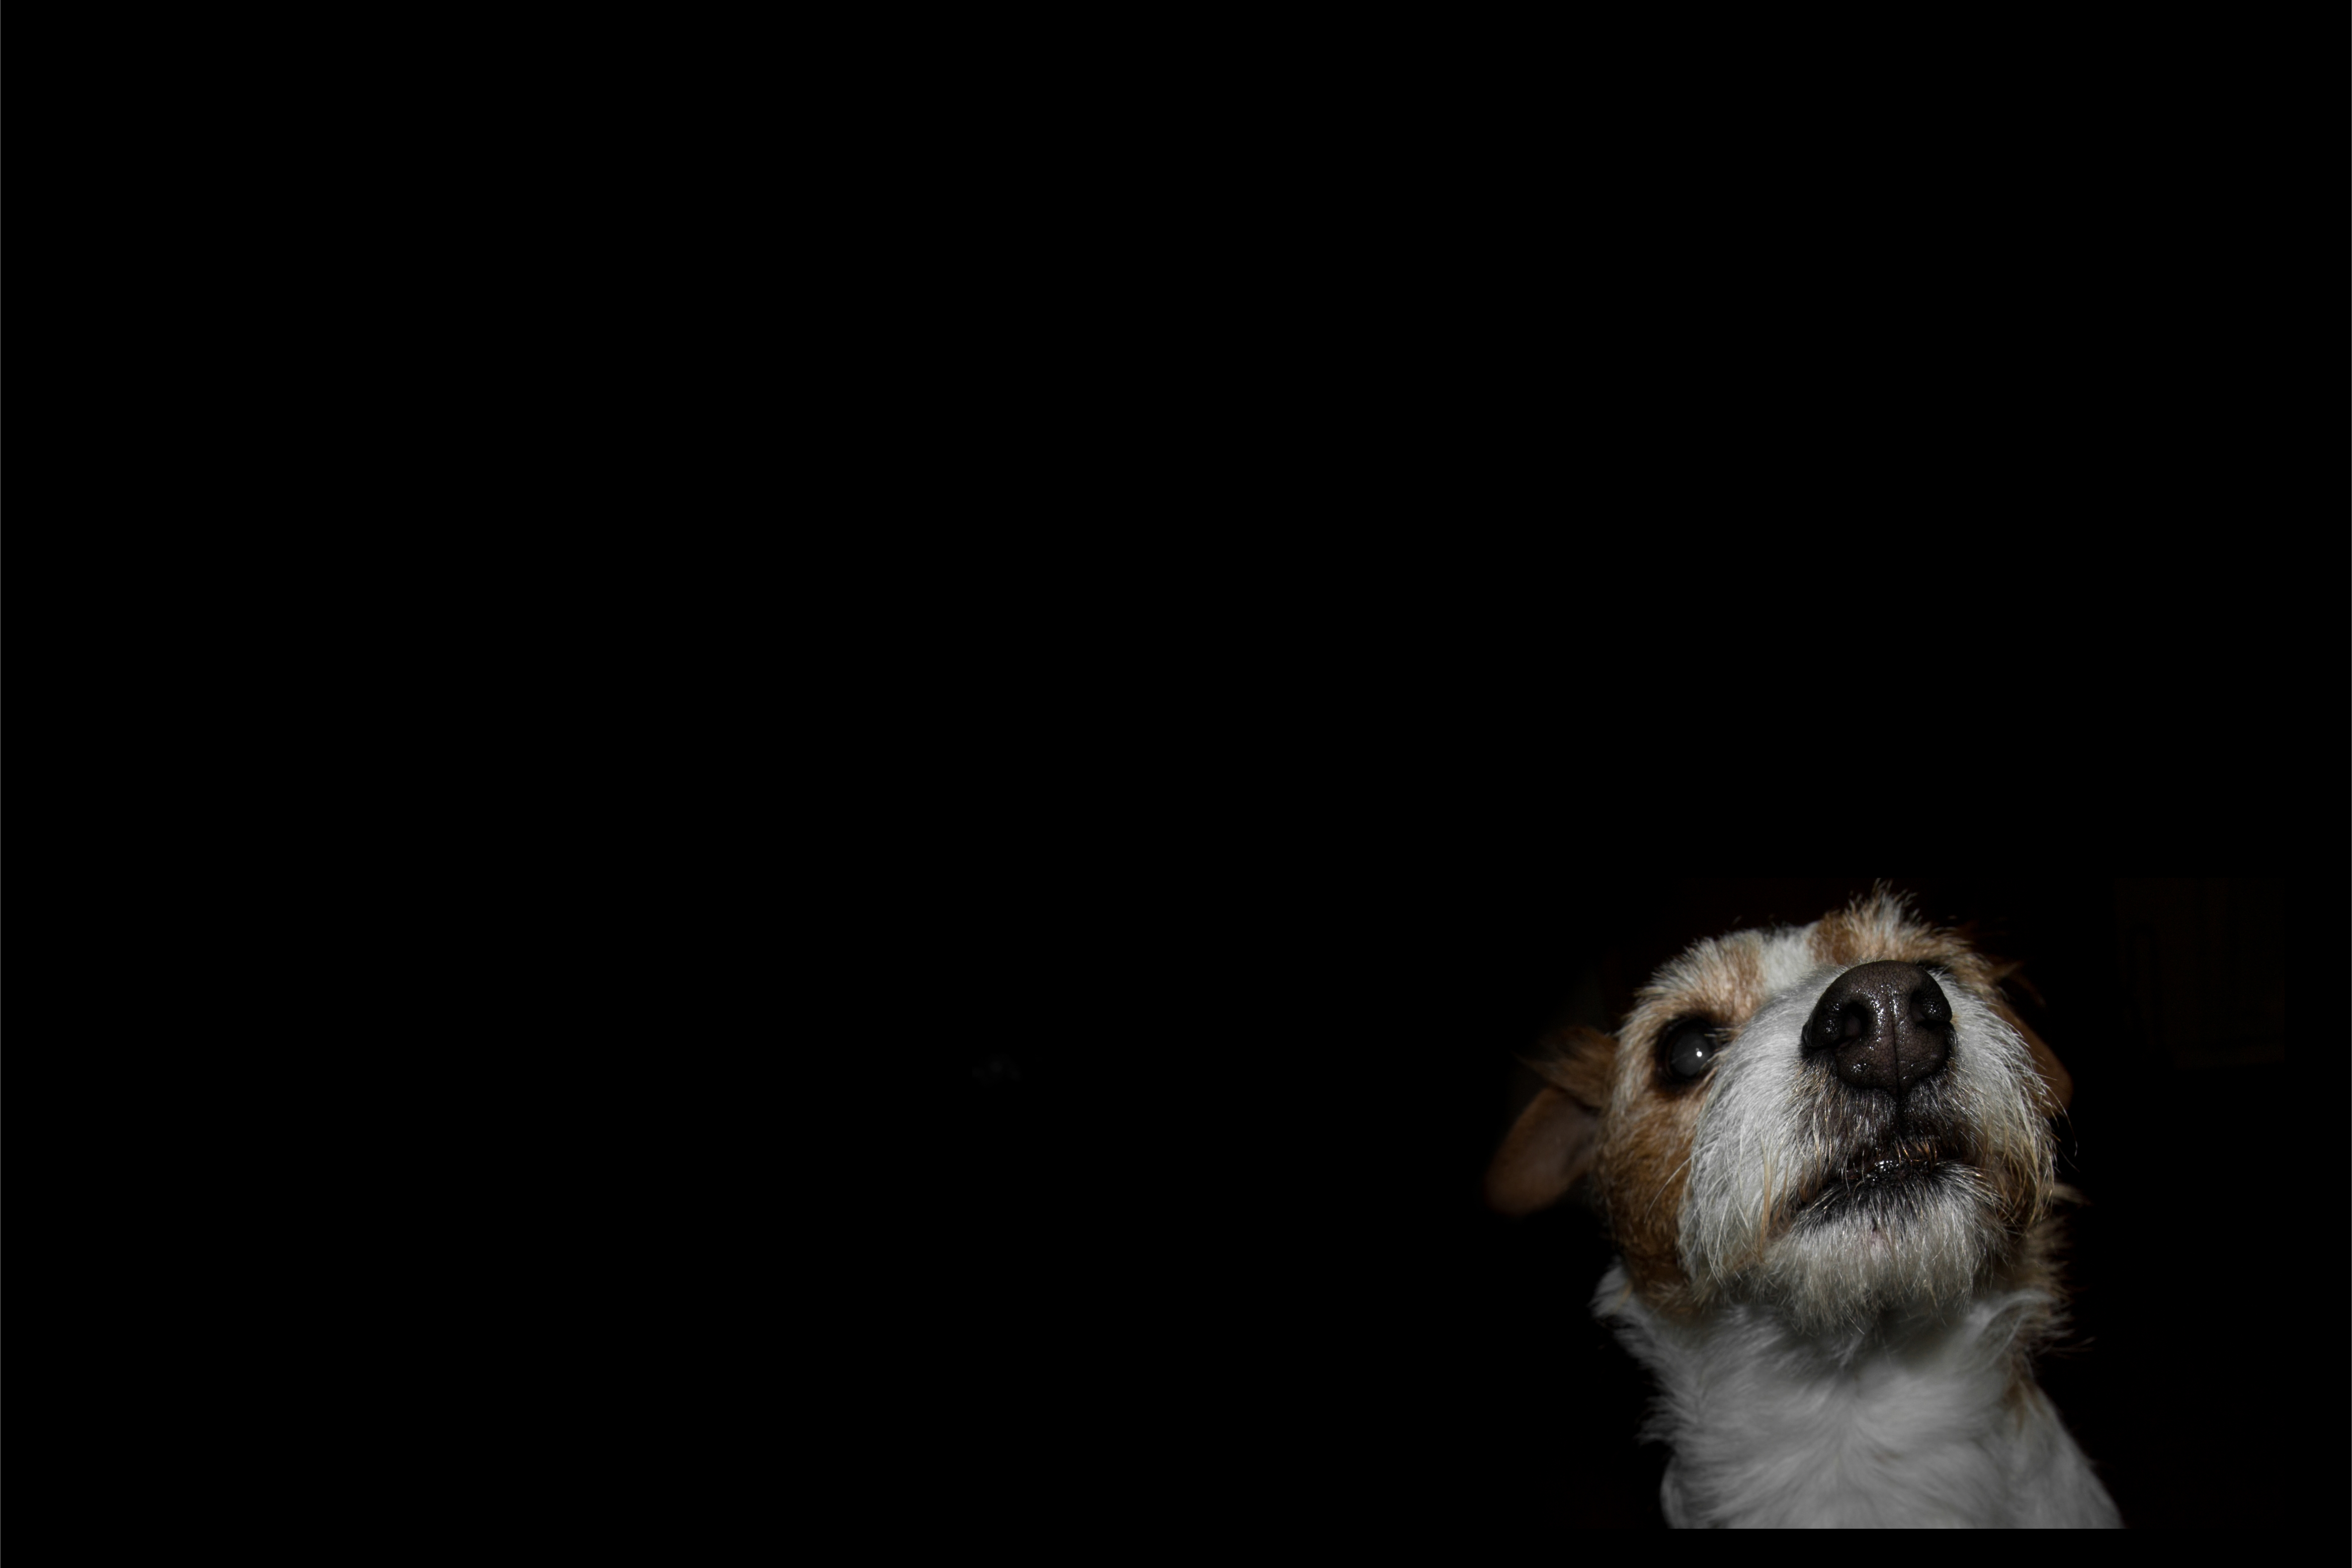 Fondo de pantalla perro en fondo negro 4676x3118 fondo for Fondos de pantalla de perritos